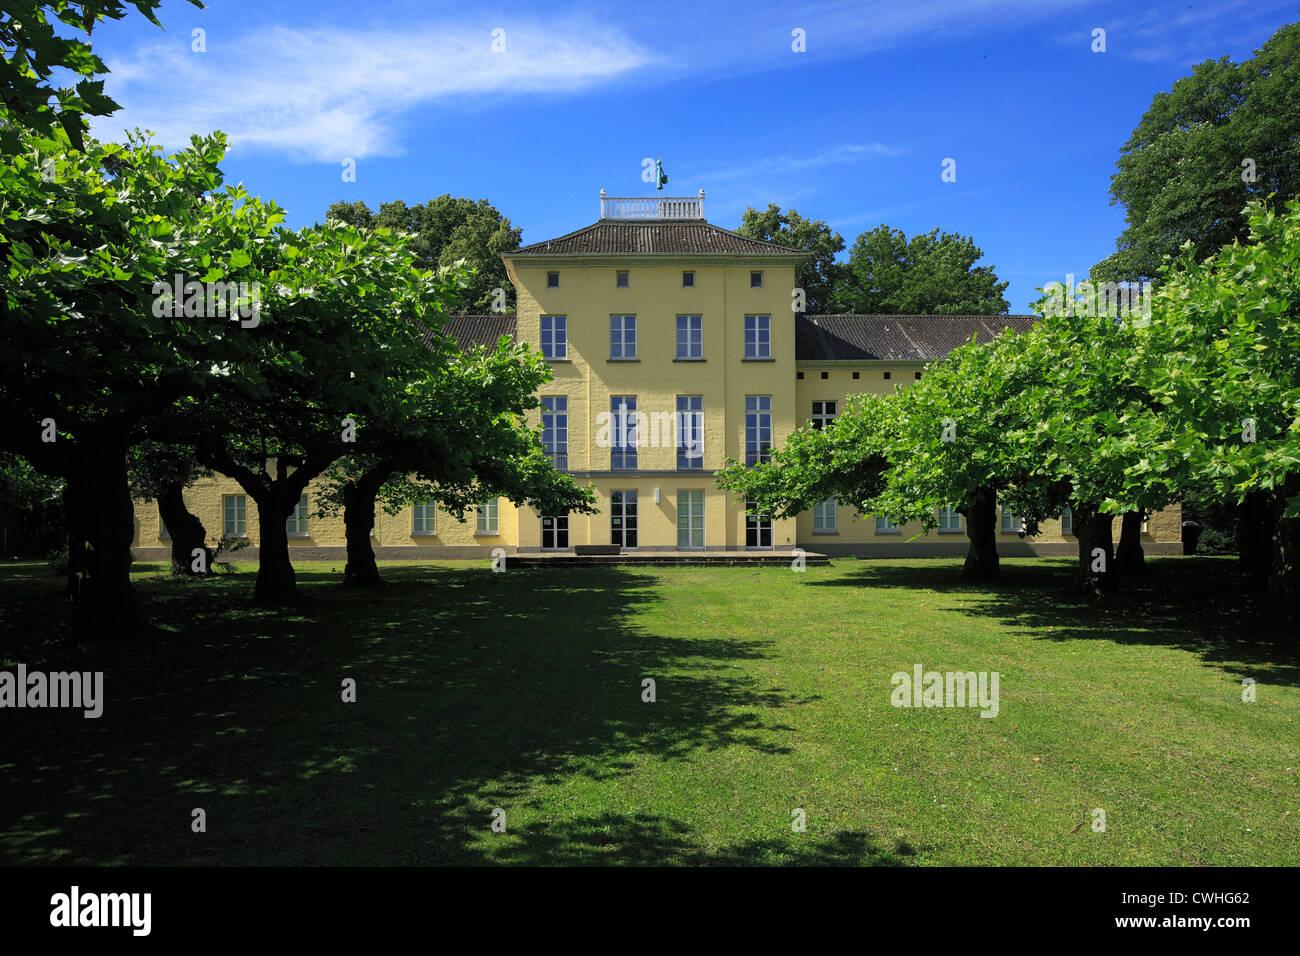 Schoenwasserpark Mit Haus Schoenwasser in Krefeld-Oppumer, Niederrhein, Nordrhein-Westfalen Stockbild